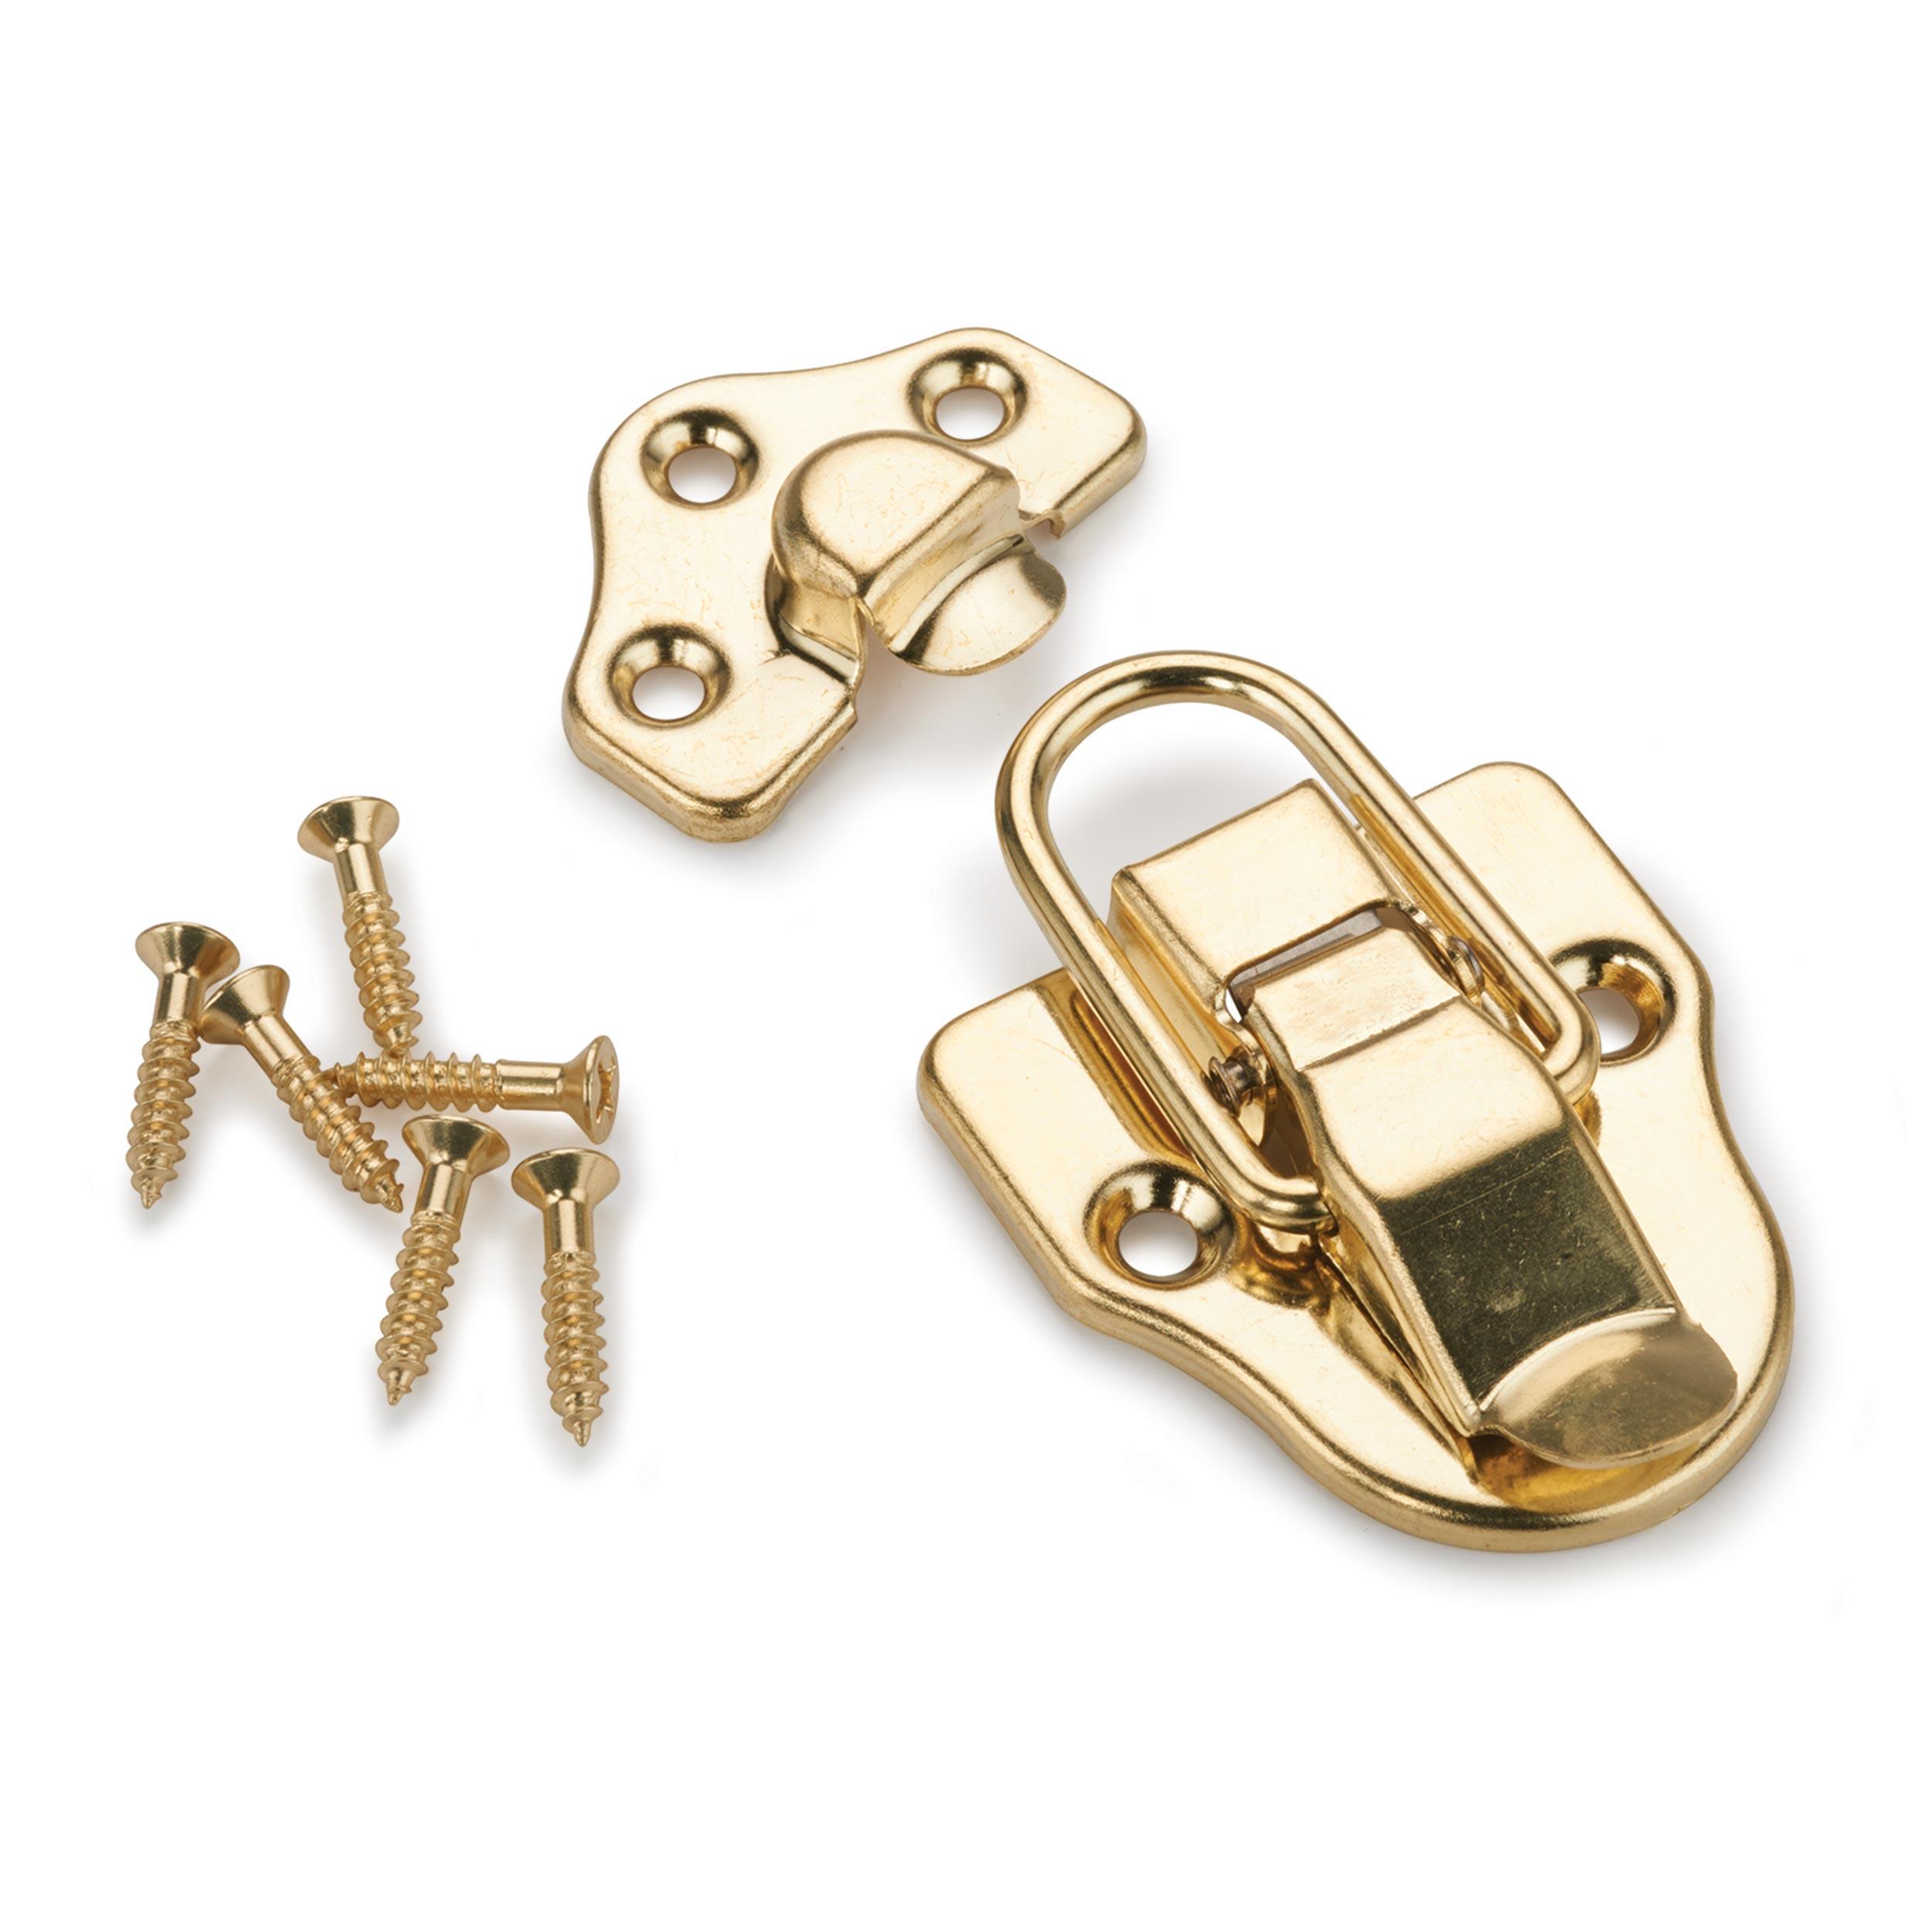 Trunk Draw Catch Polished Brass Plated 1-piece with Screws